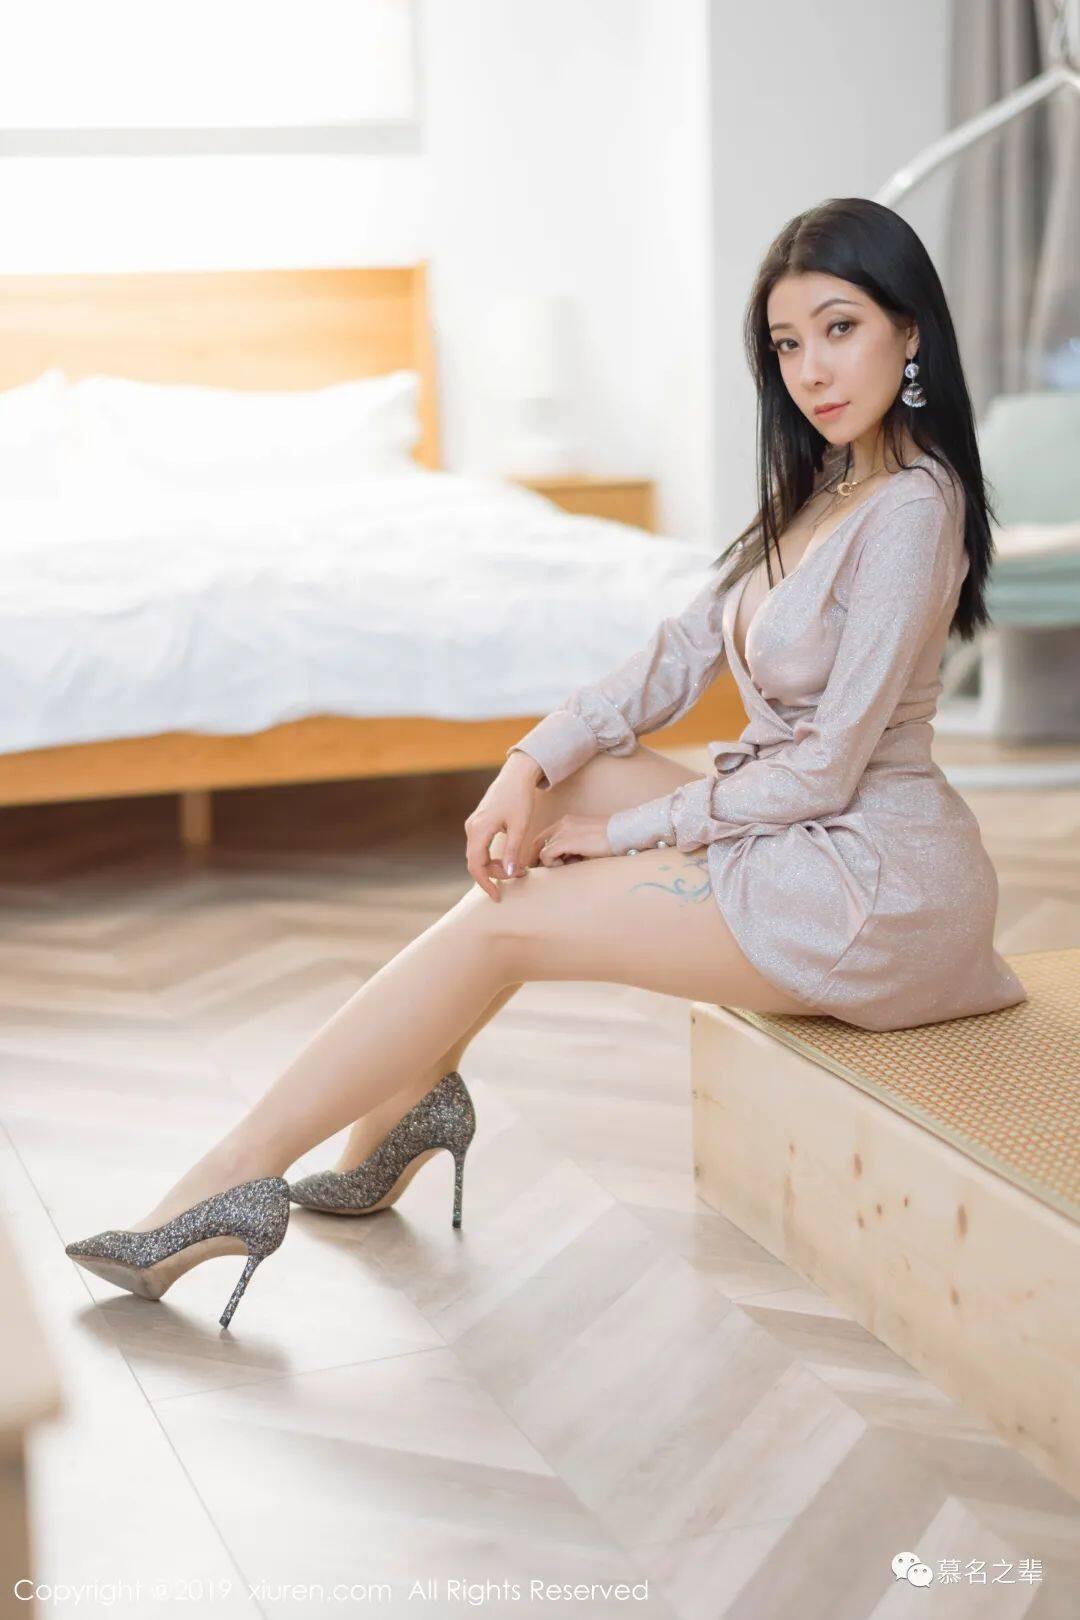 私房模特写真——松果儿Victoria(F罩杯)31